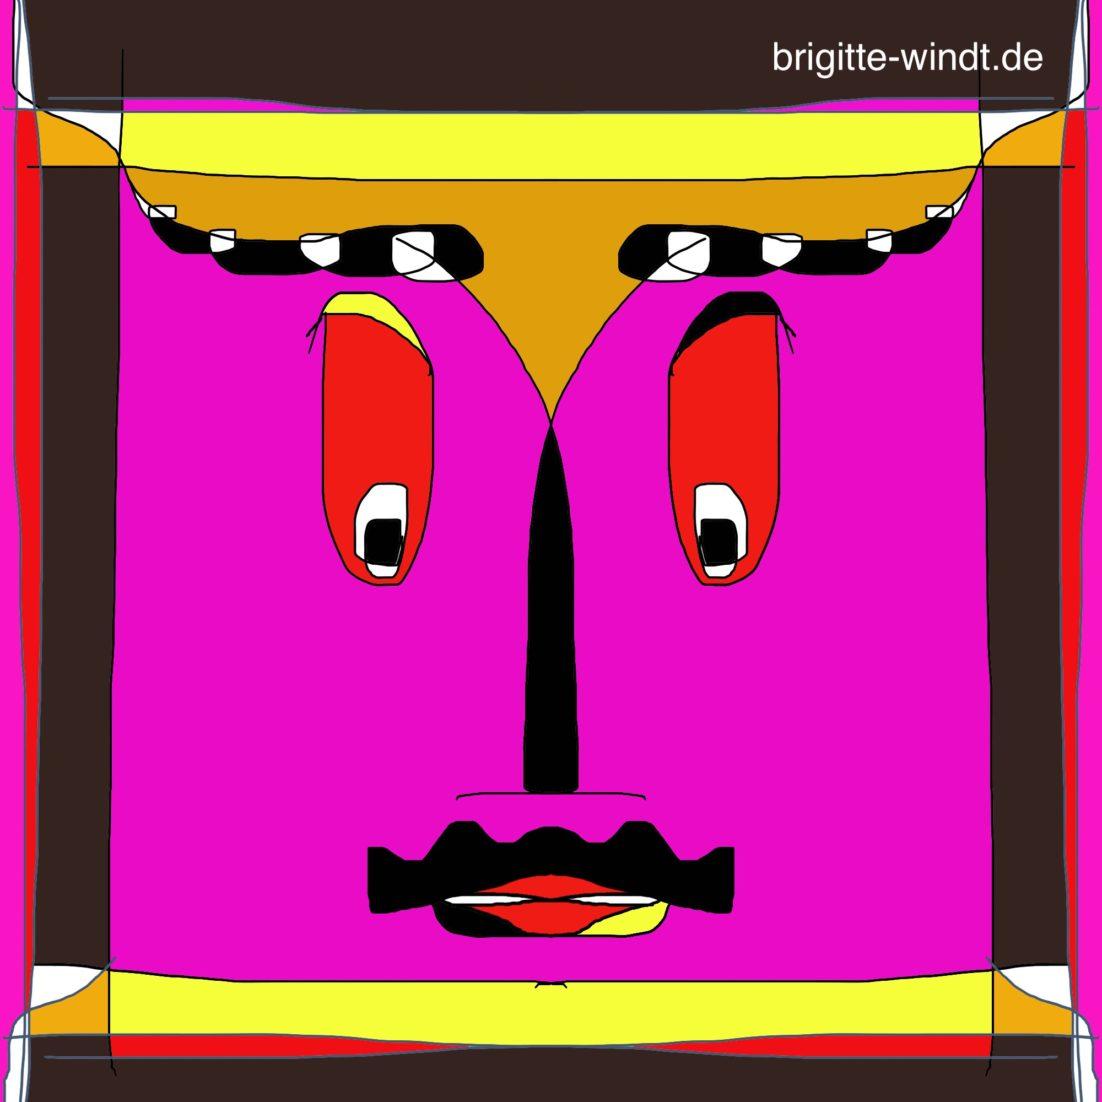 REDUKTION Brigitte Windt. Quadratflächiges Gesicht in leuchtenden Farben auf schwarzem Grund.